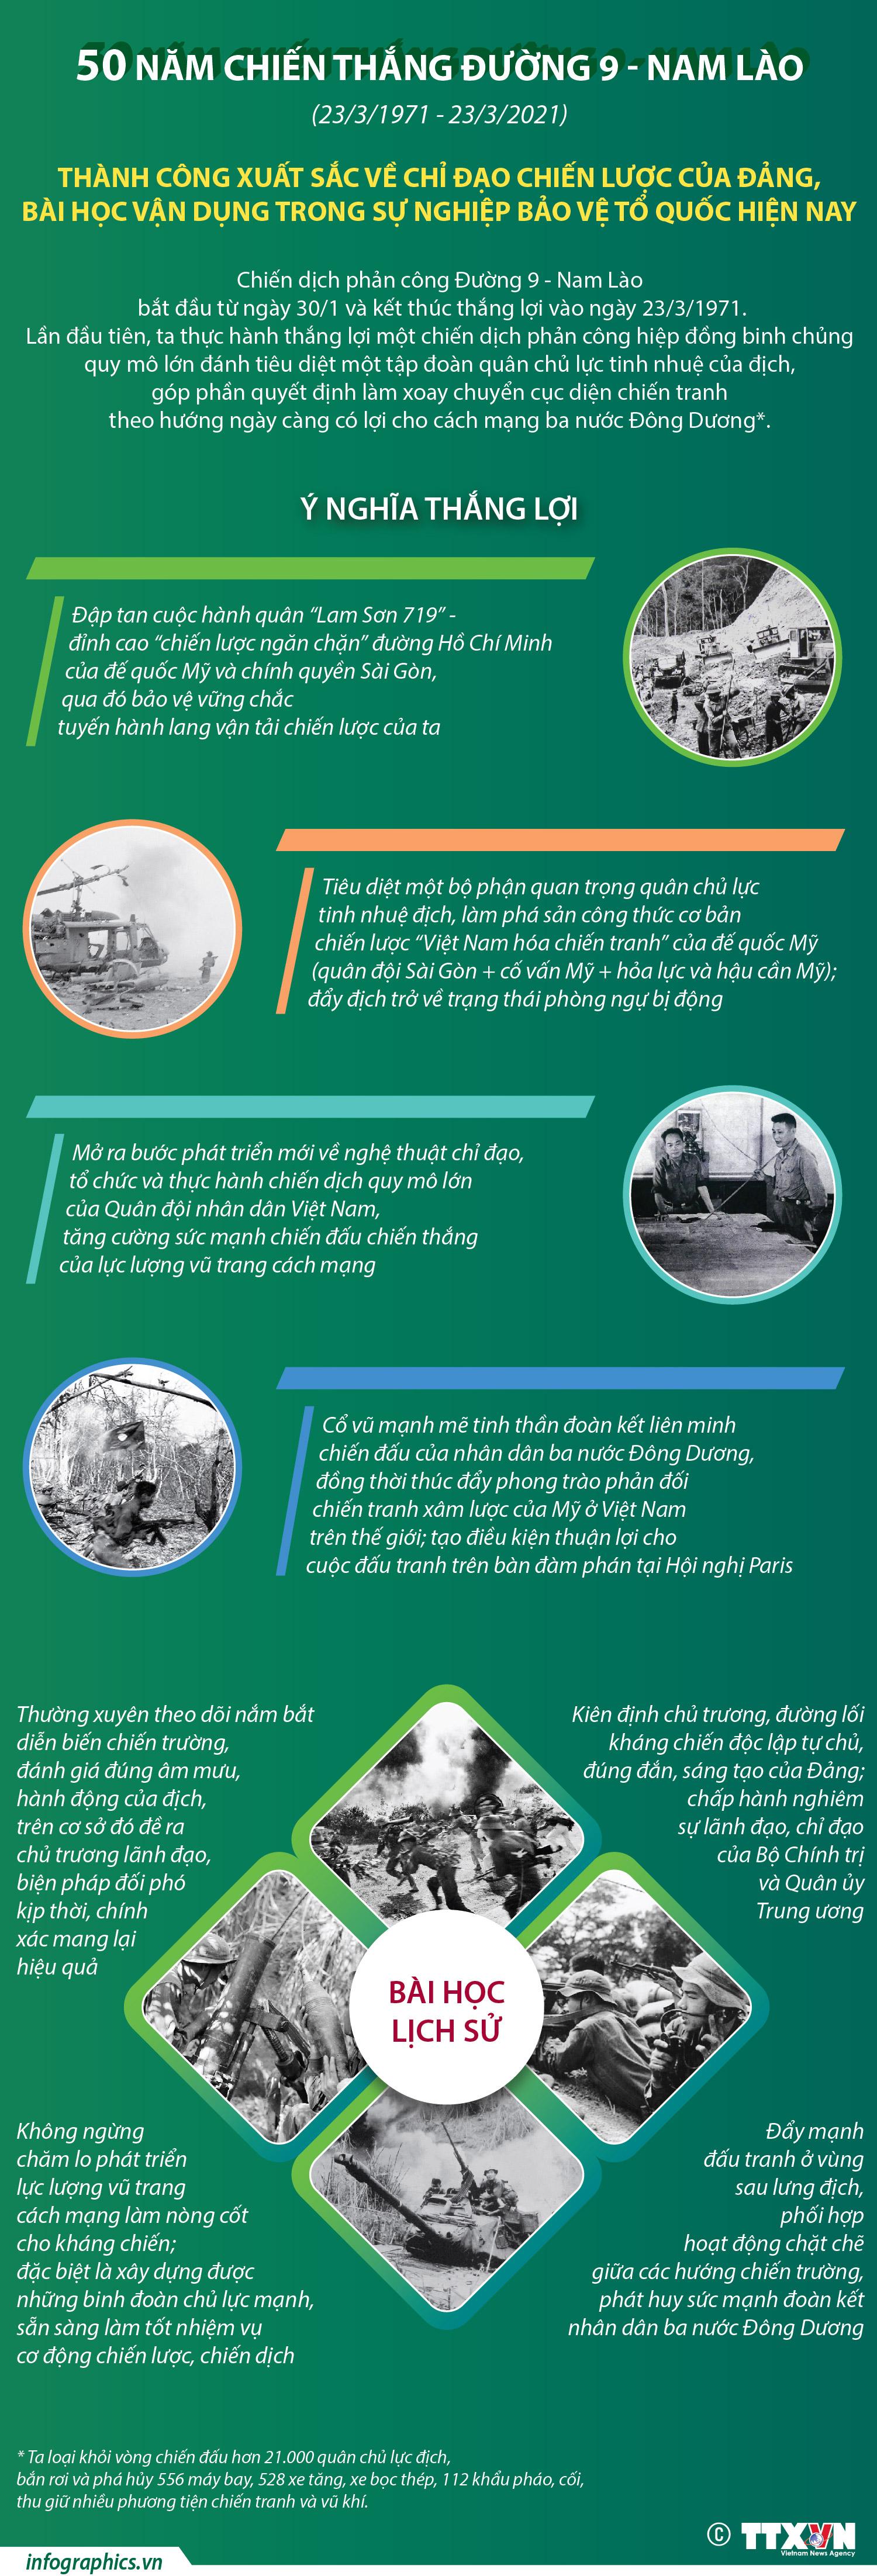 50 năm chiến thắng Đường 9 - Nam Lào: Ý nghĩa thắng lợi và bài học lịch sử